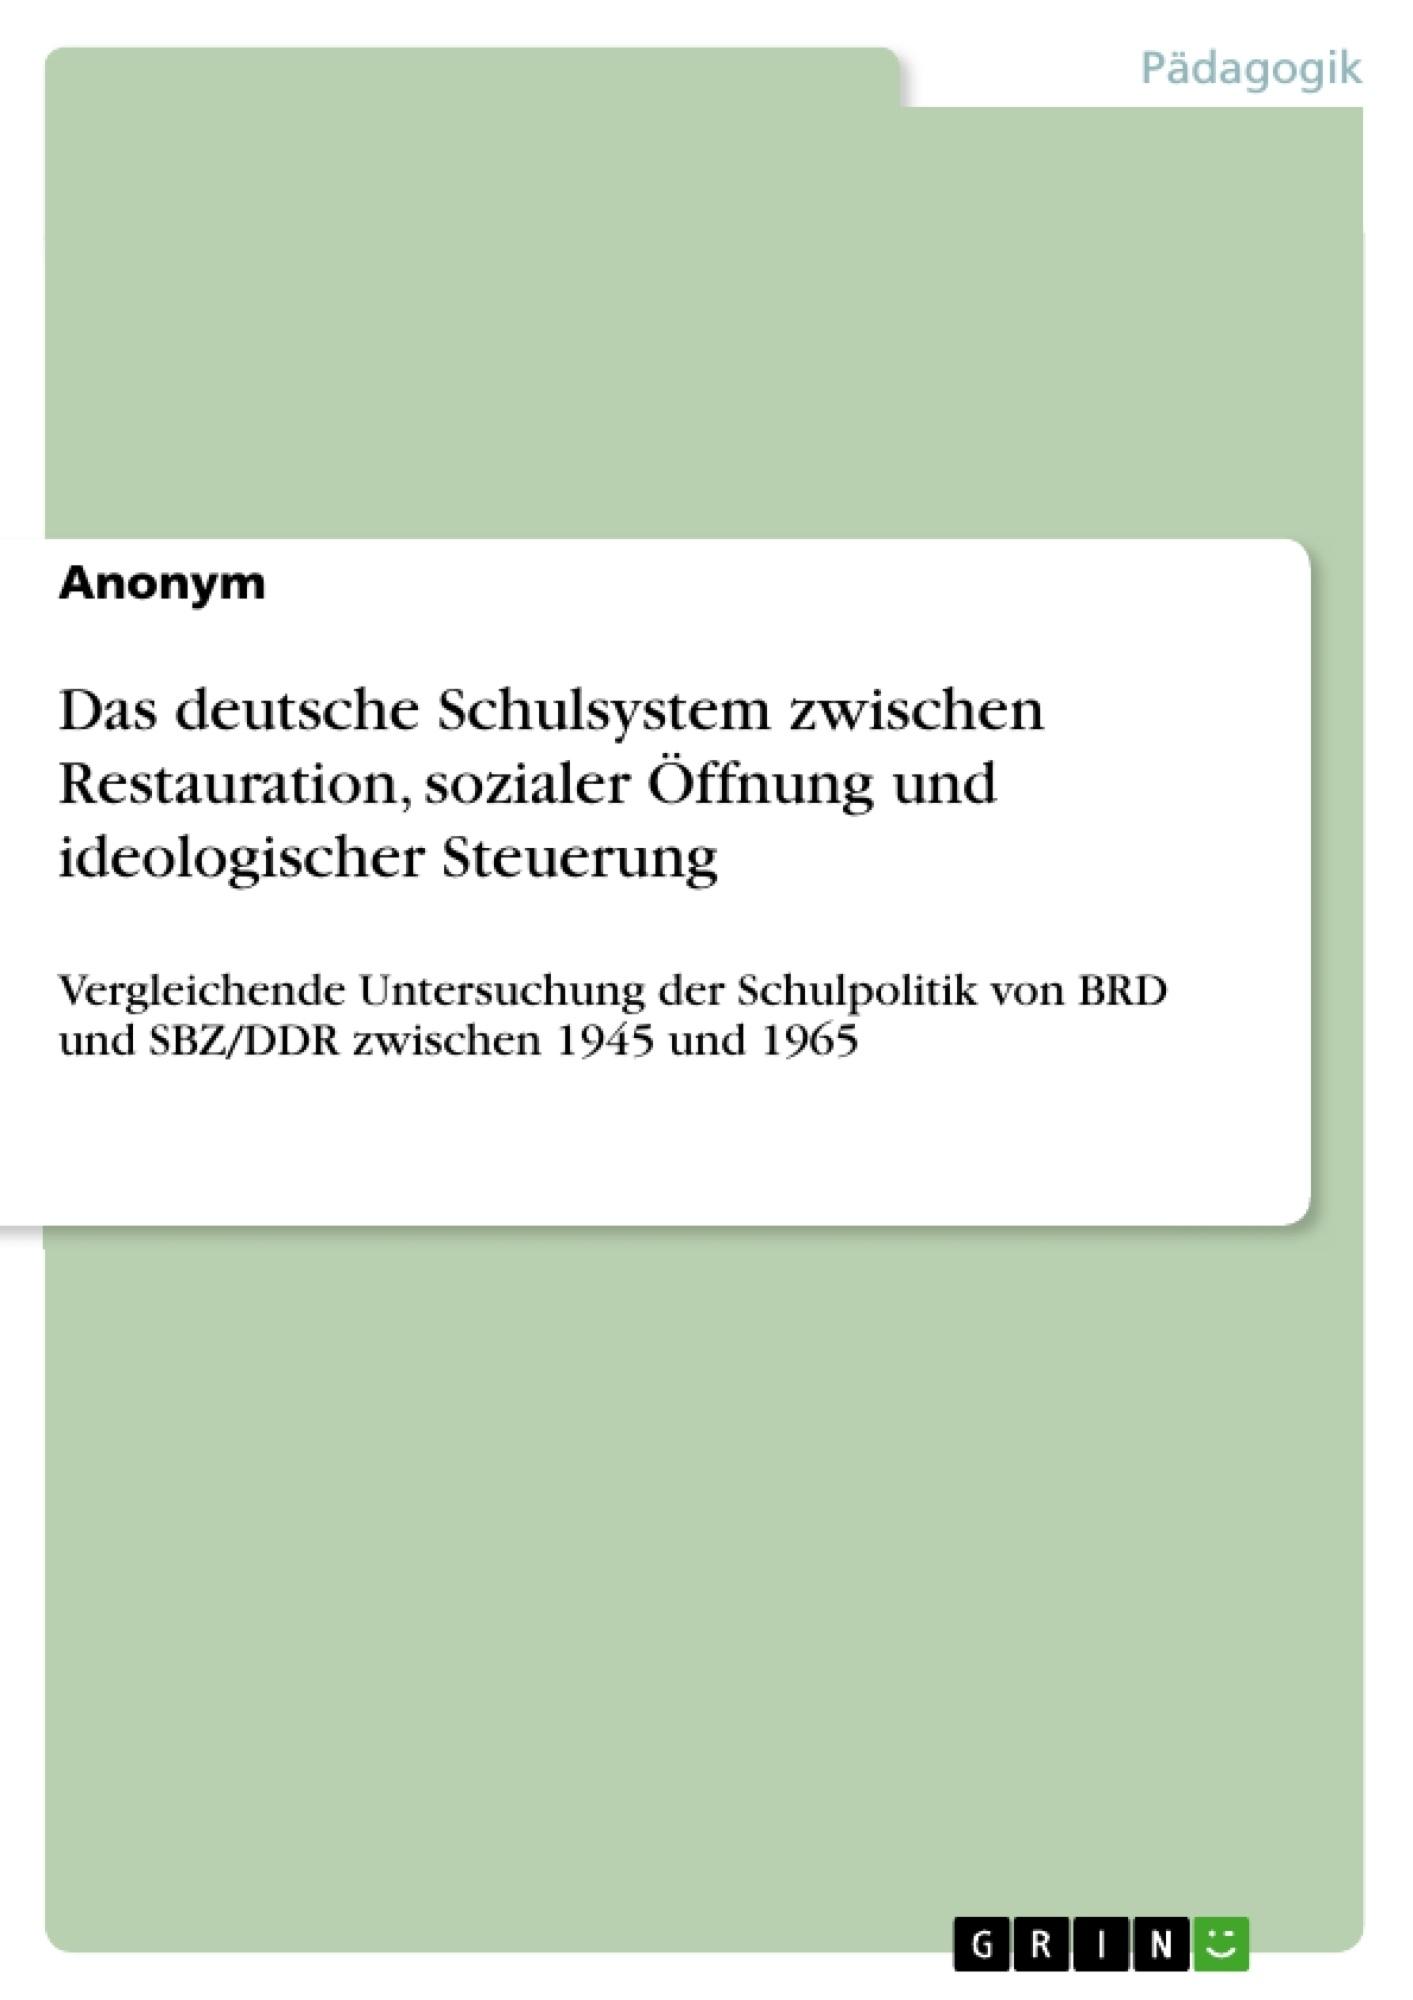 Titel: Das deutsche Schulsystem zwischen Restauration, sozialer Öffnung und ideologischer Steuerung